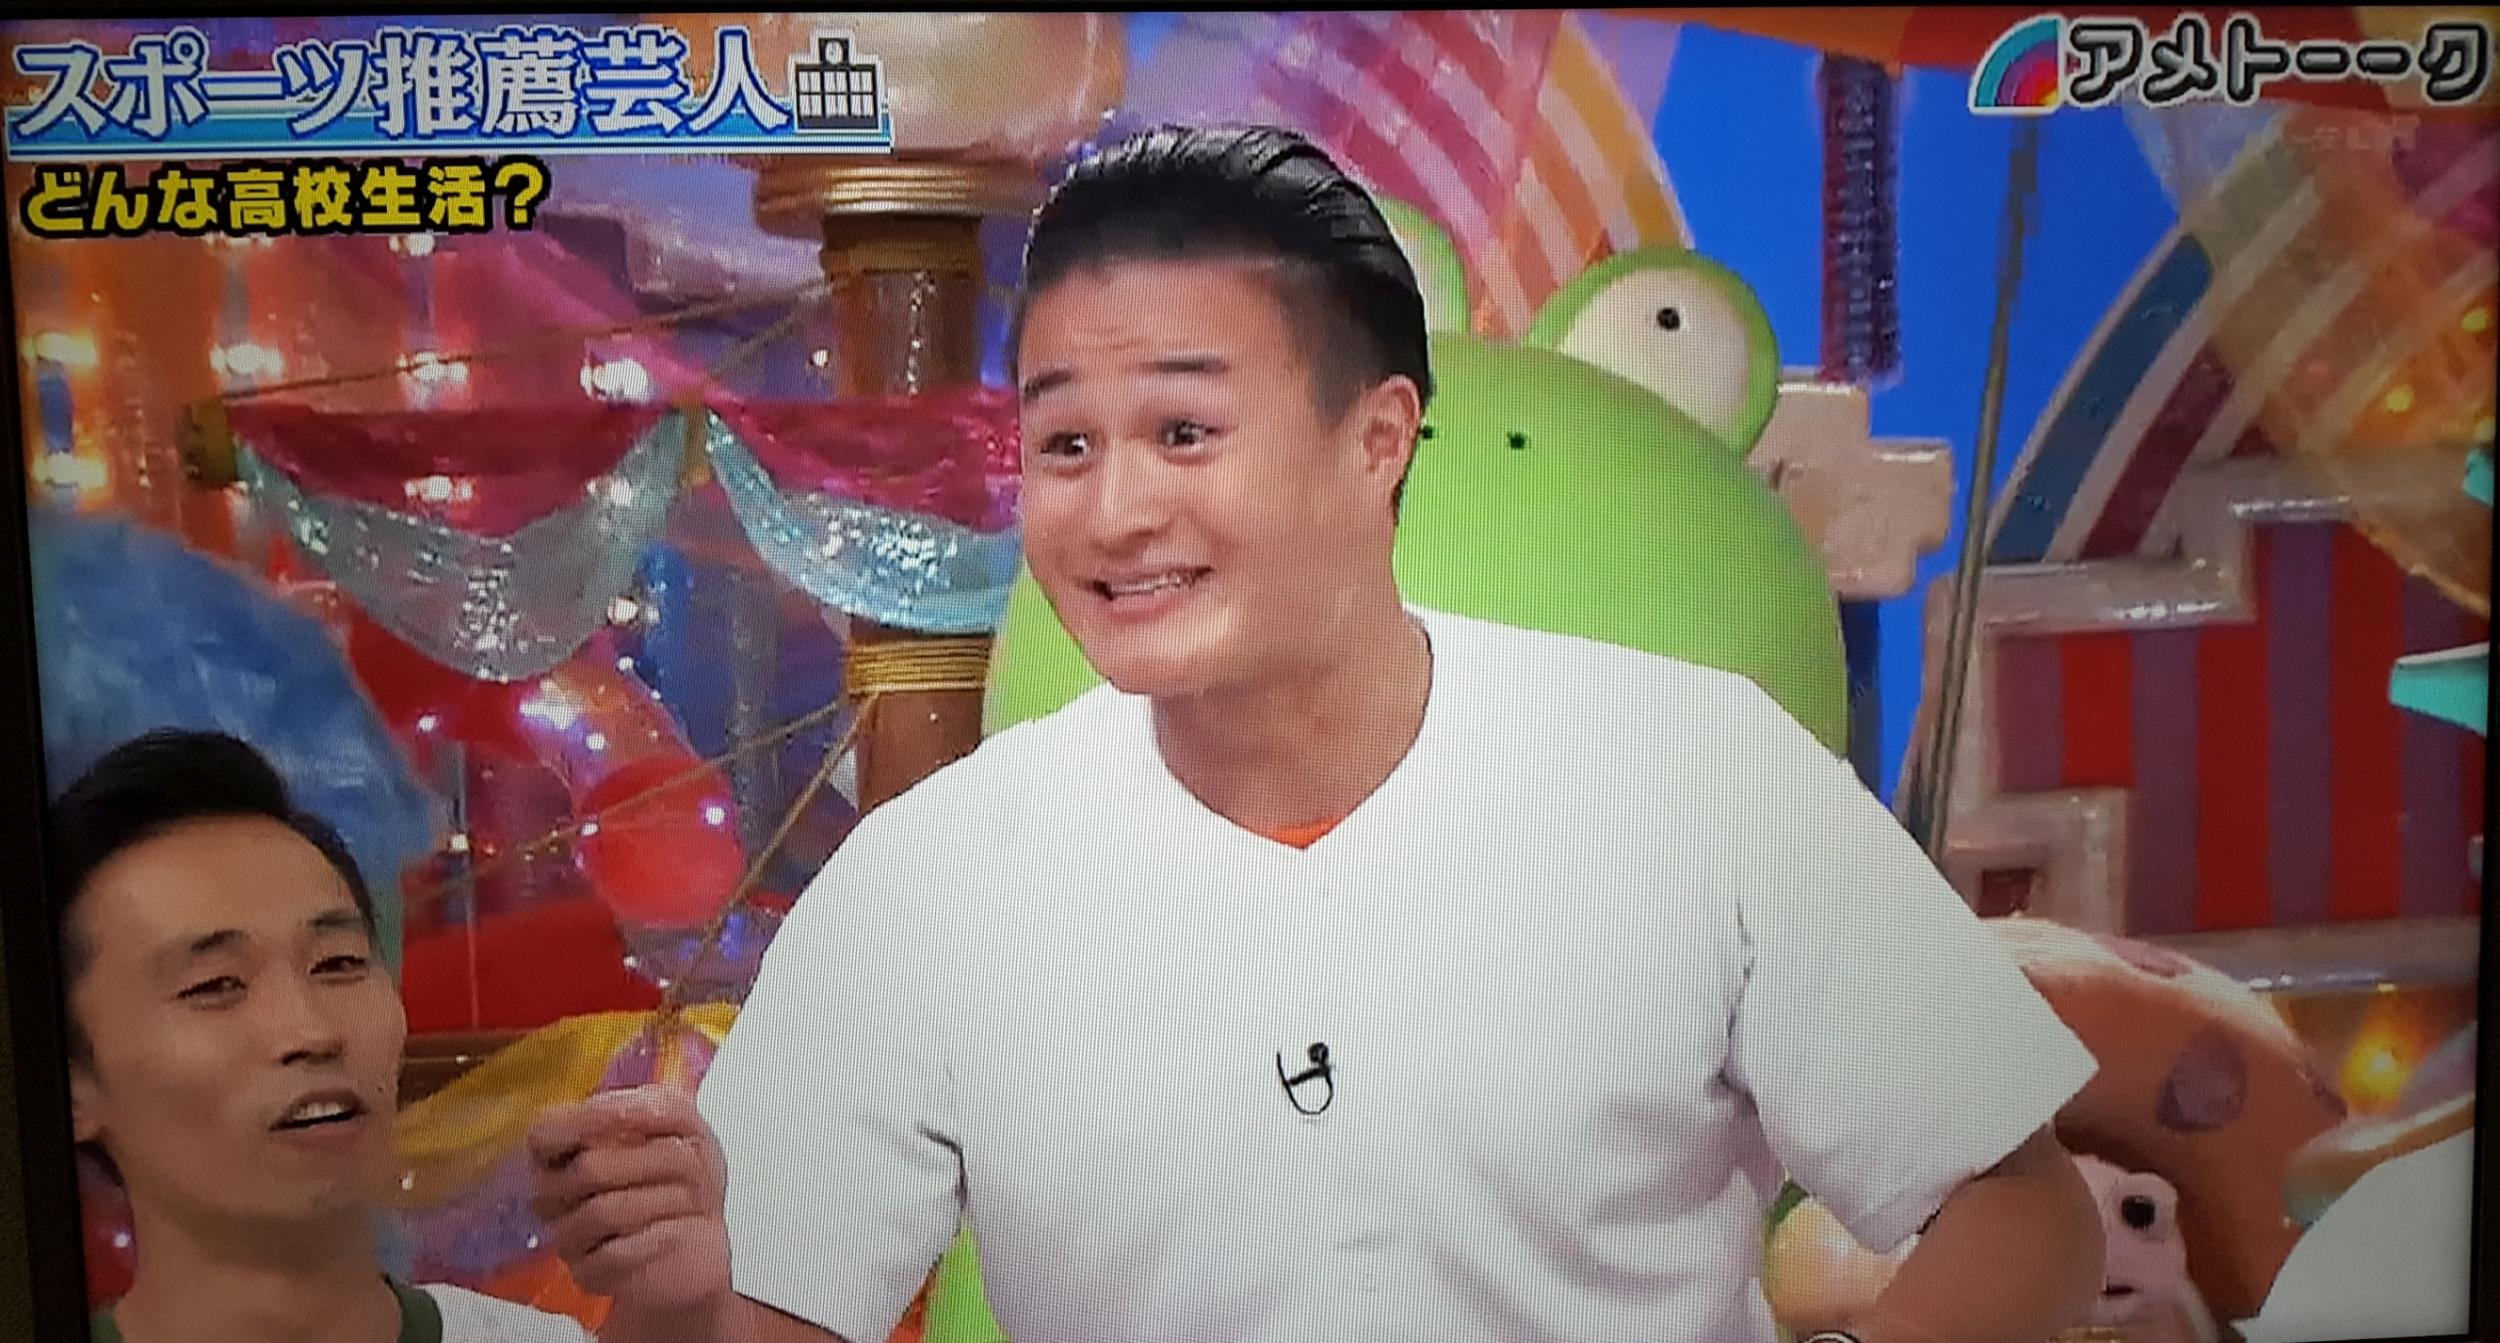 アメトーーク スポーツ推薦芸人 ティモンディ高岸